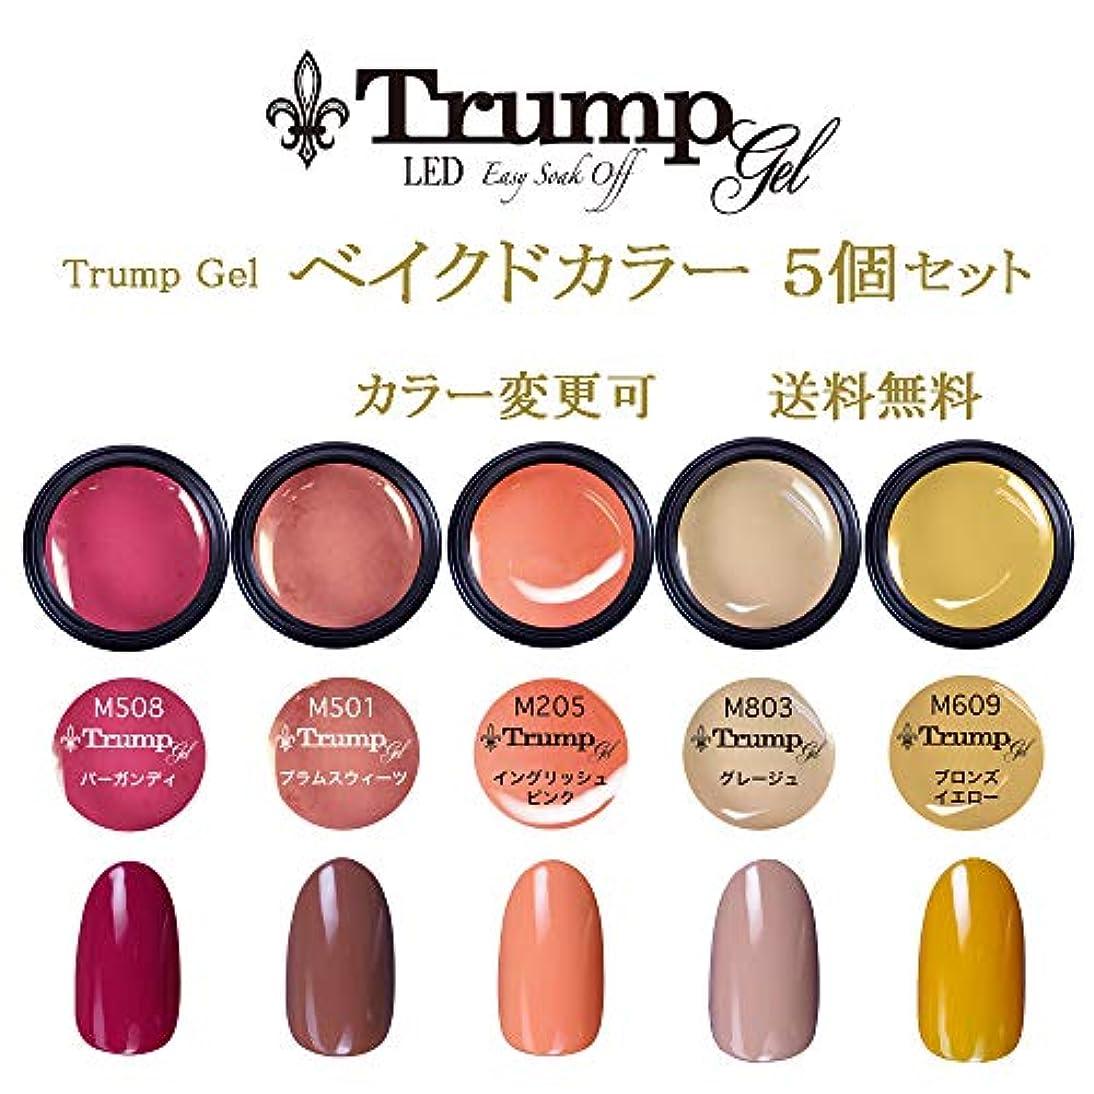 ヒステリック前奏曲代替【送料無料】日本製 Trump gel トランプジェル ベイクドカラー 選べる カラージェル 5個セット ミルキーネイル ベージュ オレンジ カラー